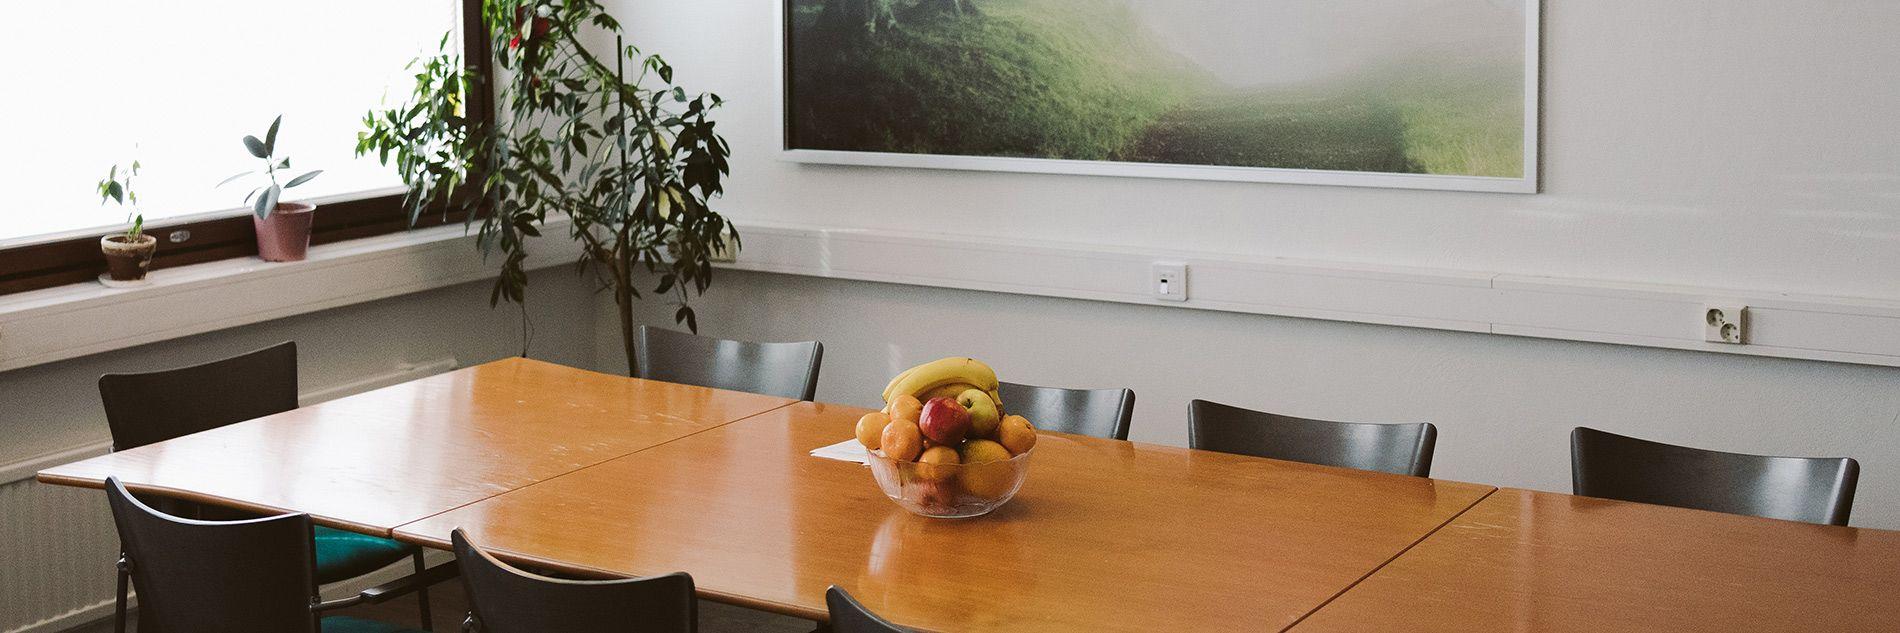 Kuva toimistosta, jonka keskellä on neuvottelupöytä. Pöydällä on hedelmiä.